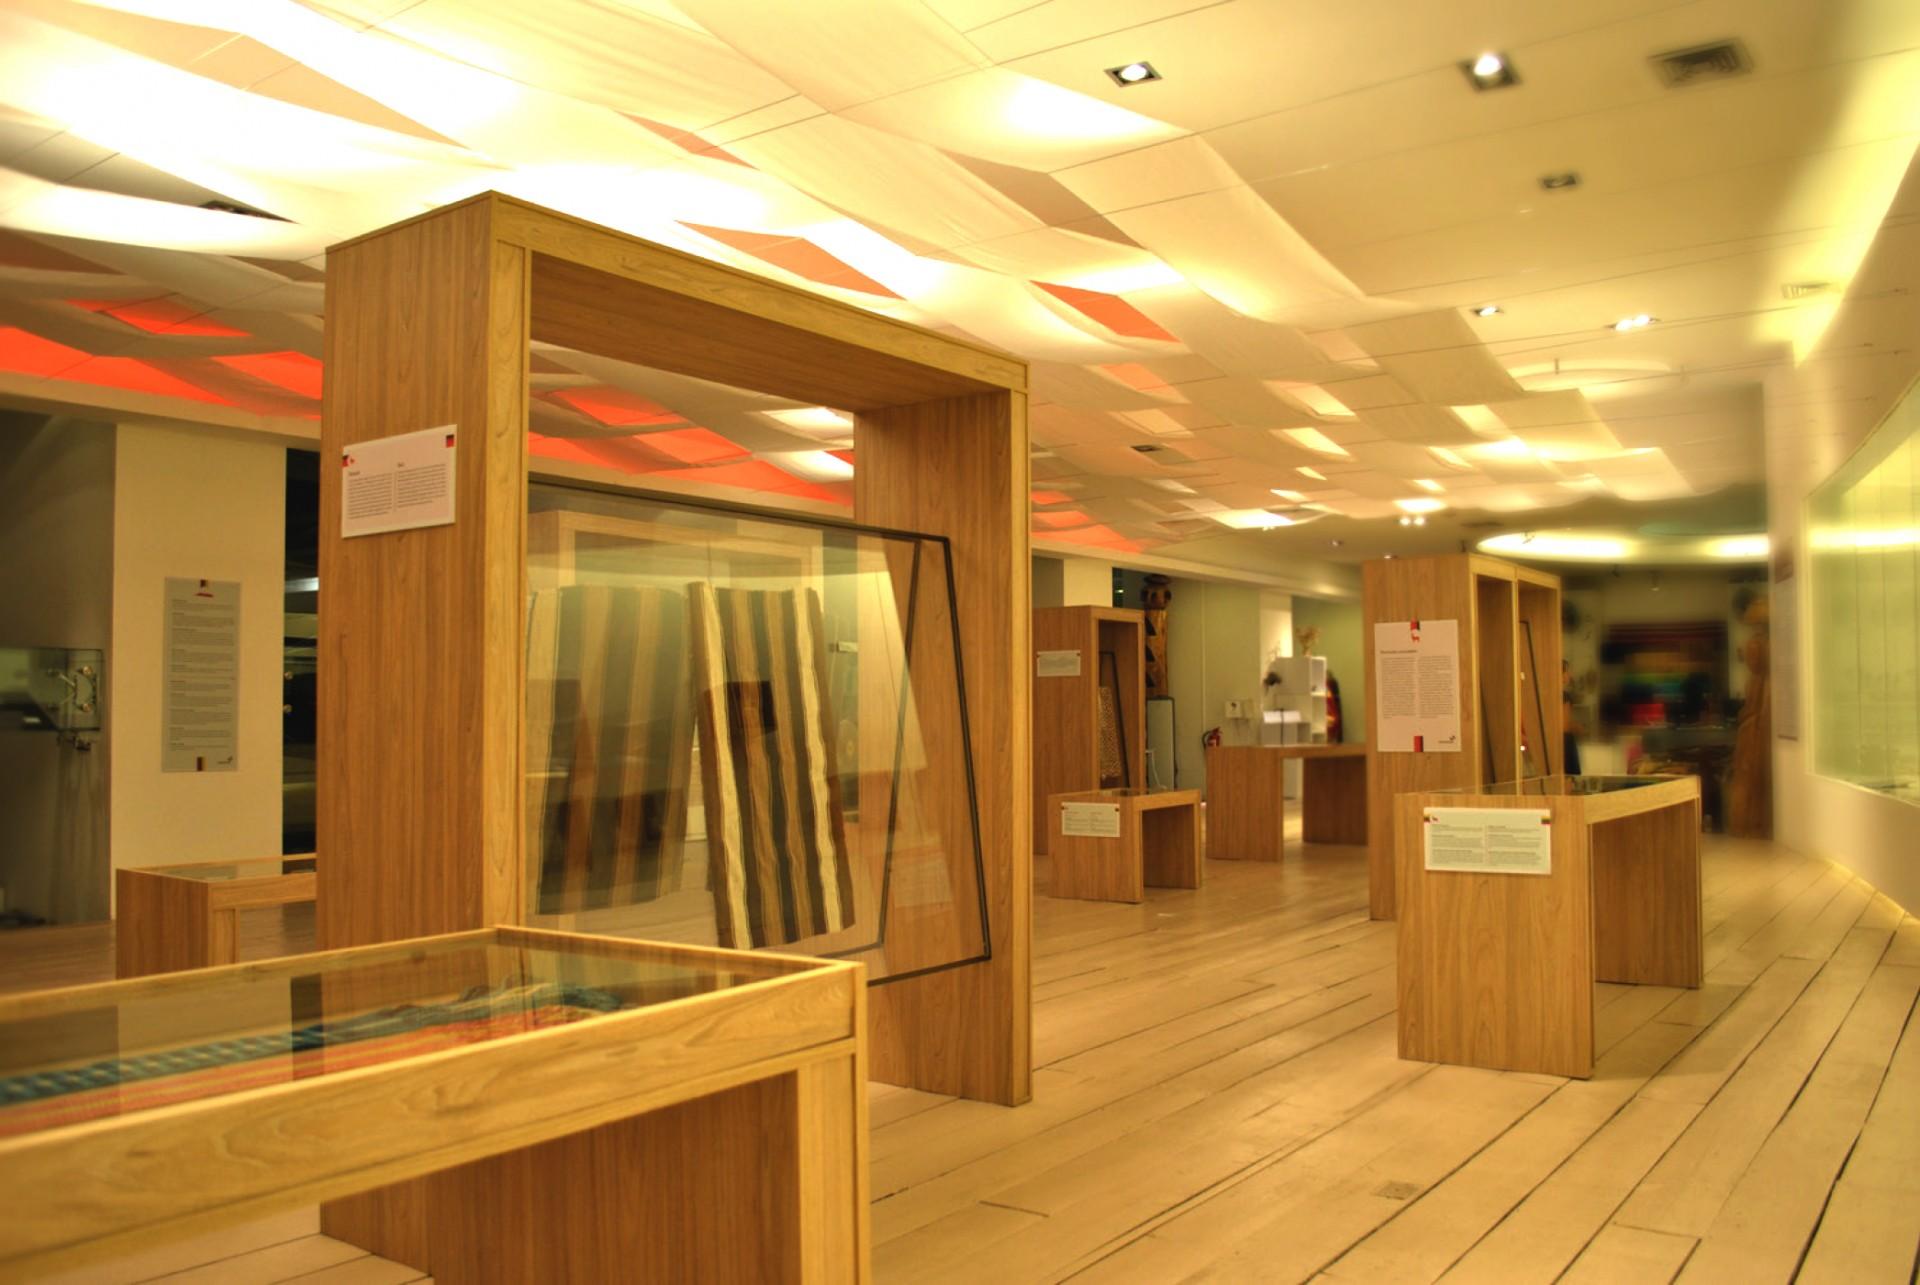 Elementos 2011-2012 en Centro Cultural Palacio La Moneda